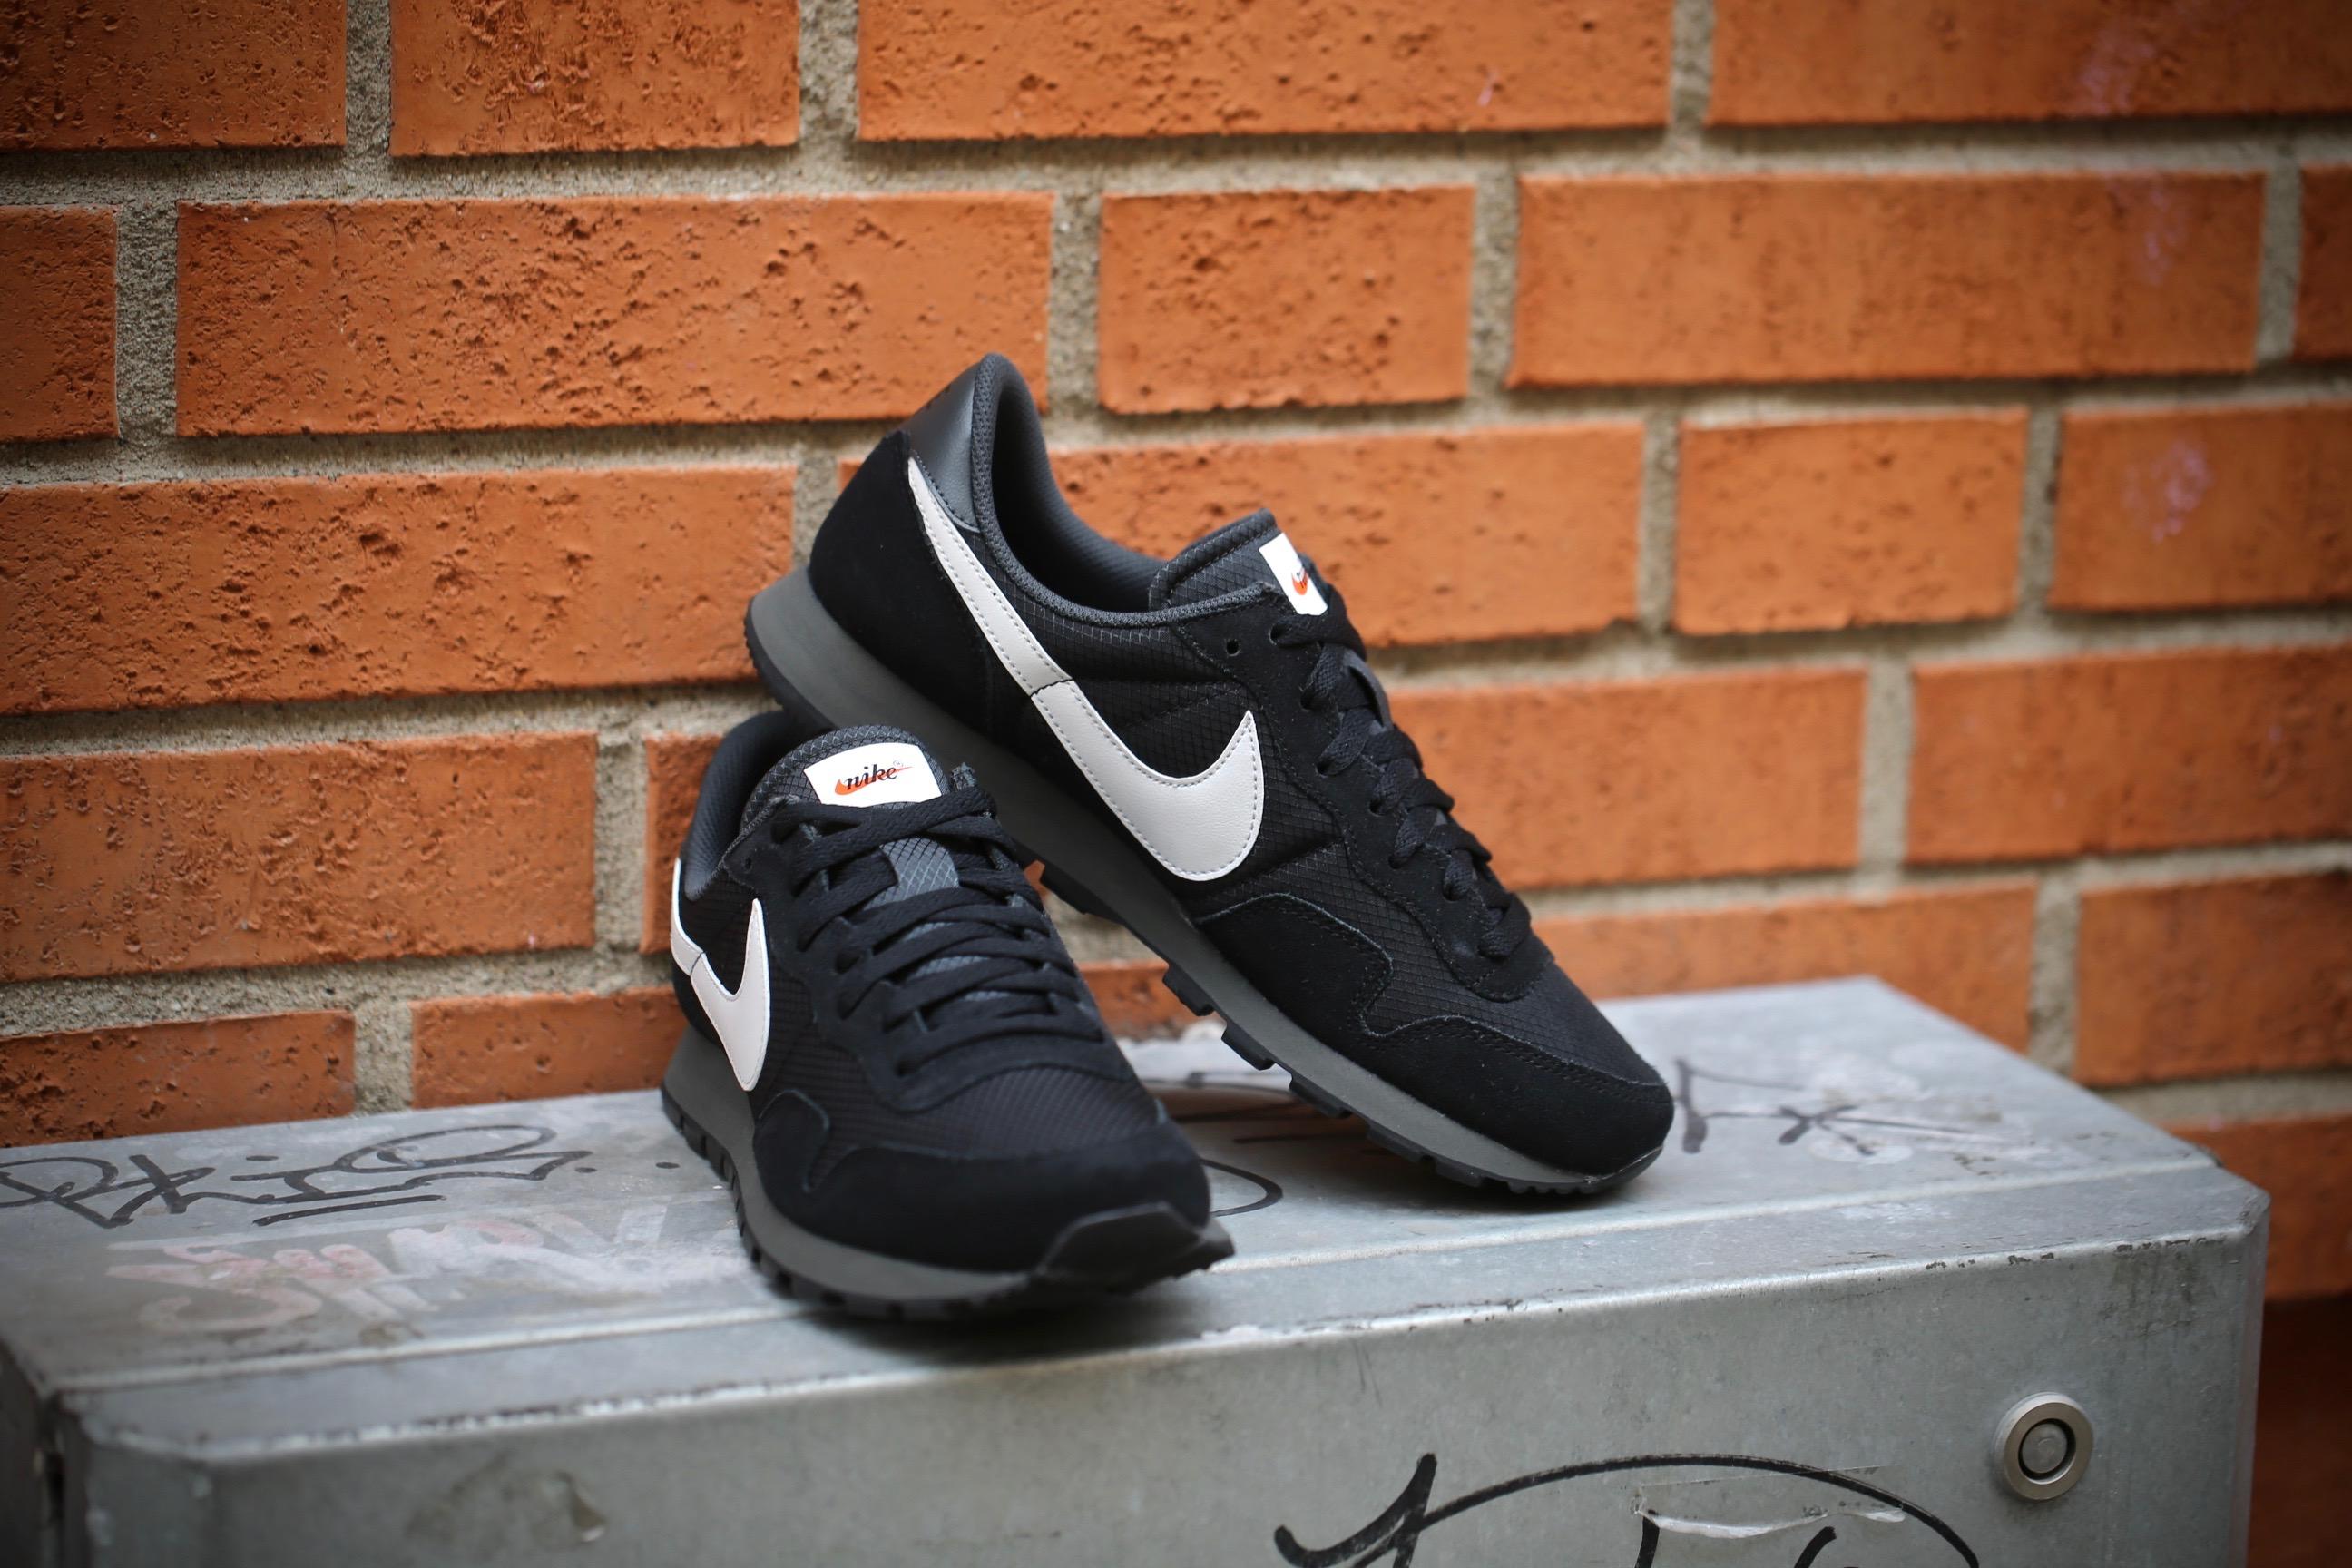 Nike Air Pegasus 83 (Black Pure Platinum Anthracite White)